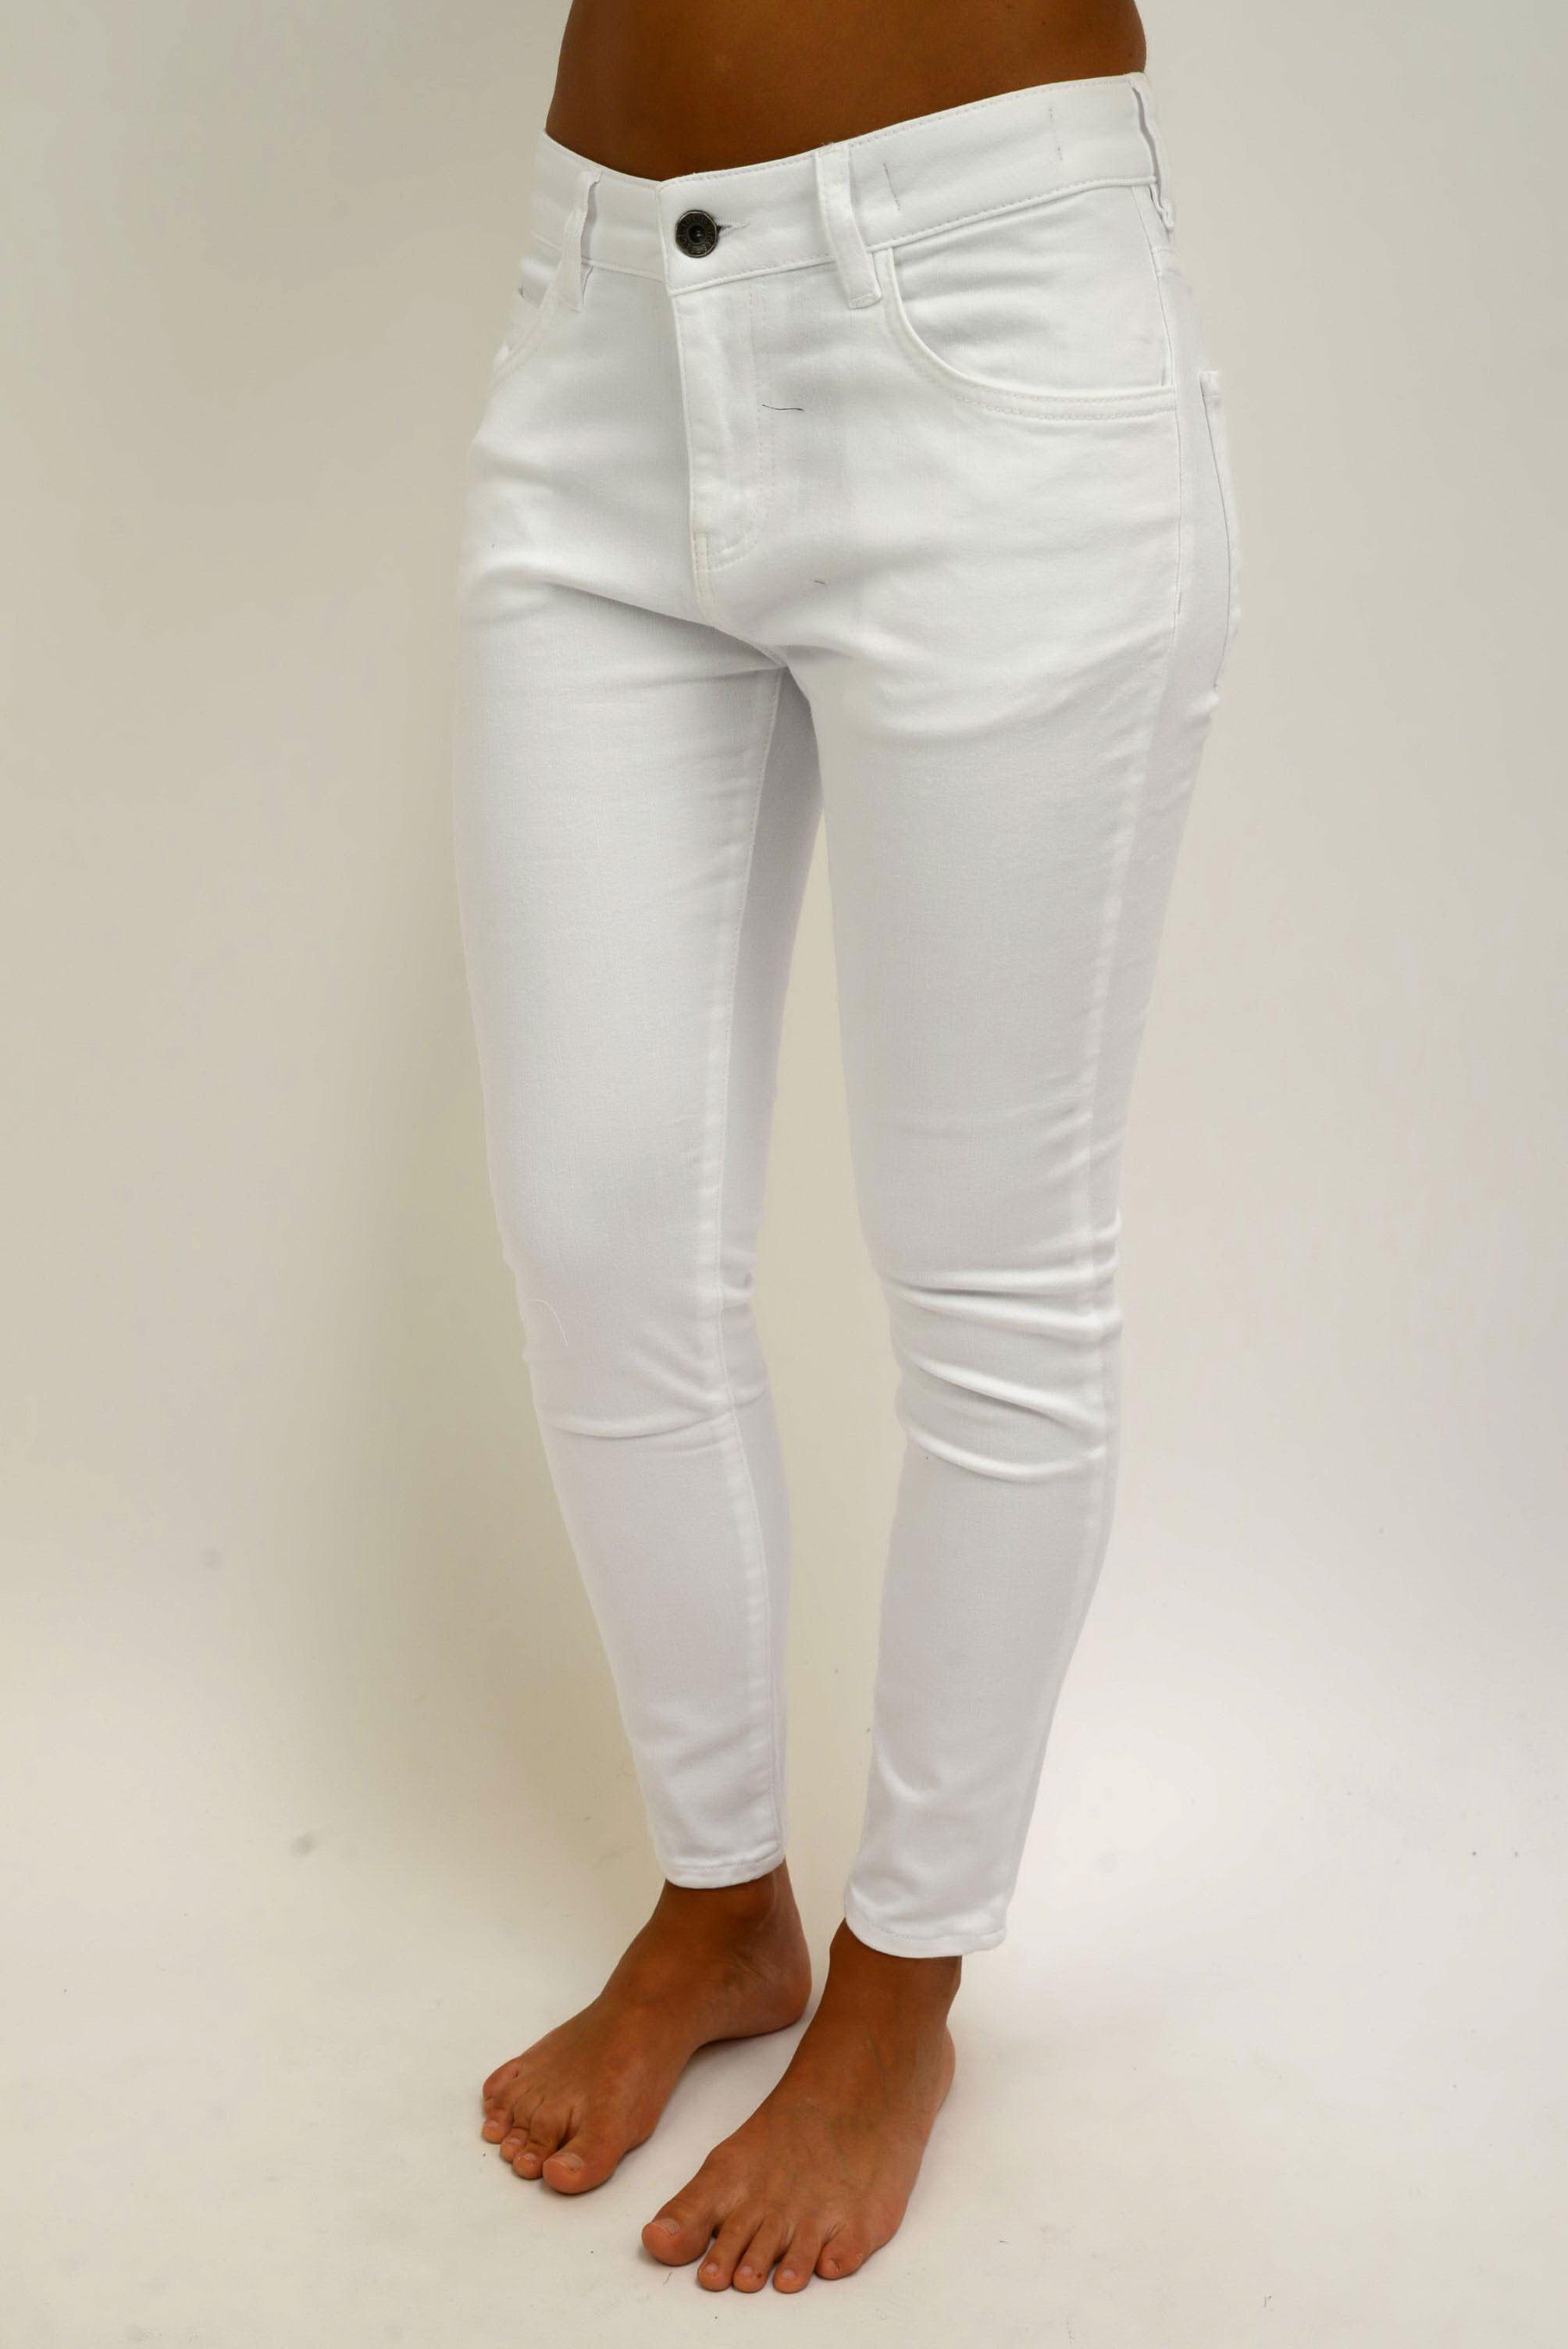 830c5579f2 Pantalone cotone 5 tasche di Imperfect - Pantaloni Donna   Uplà